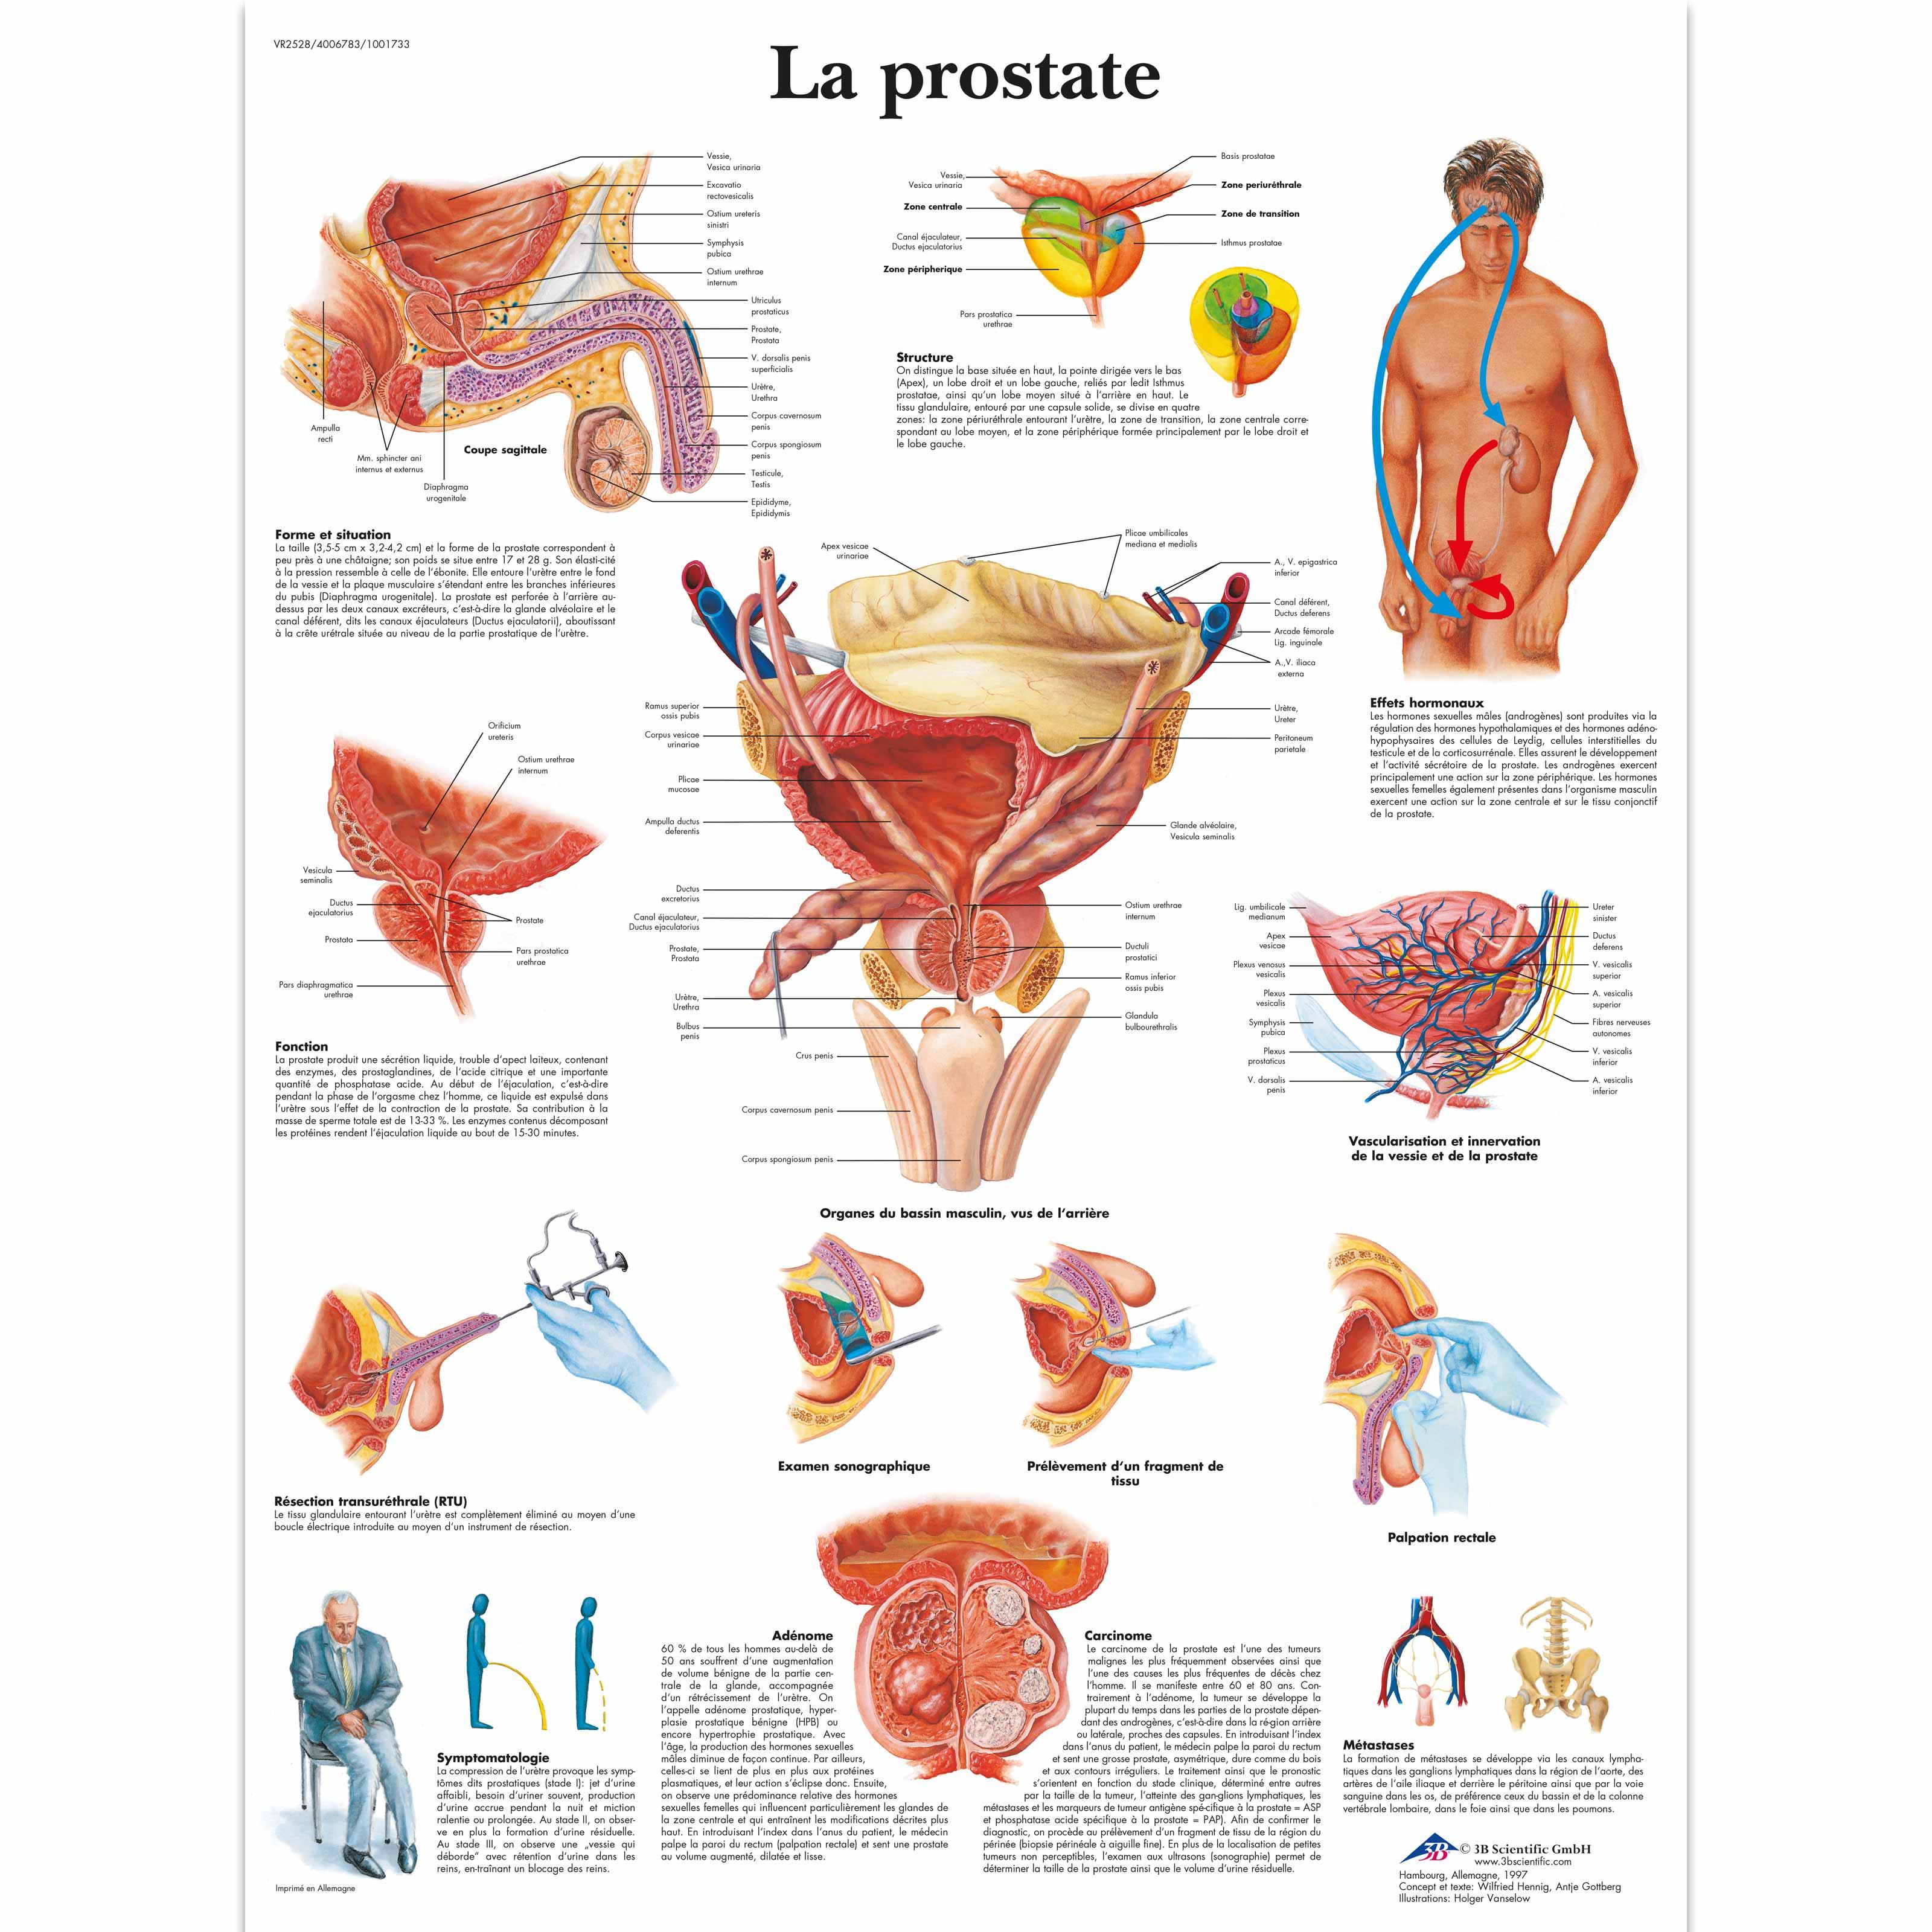 La prostate - 1001733 - 3B Scientific - VR2528L - Urinary